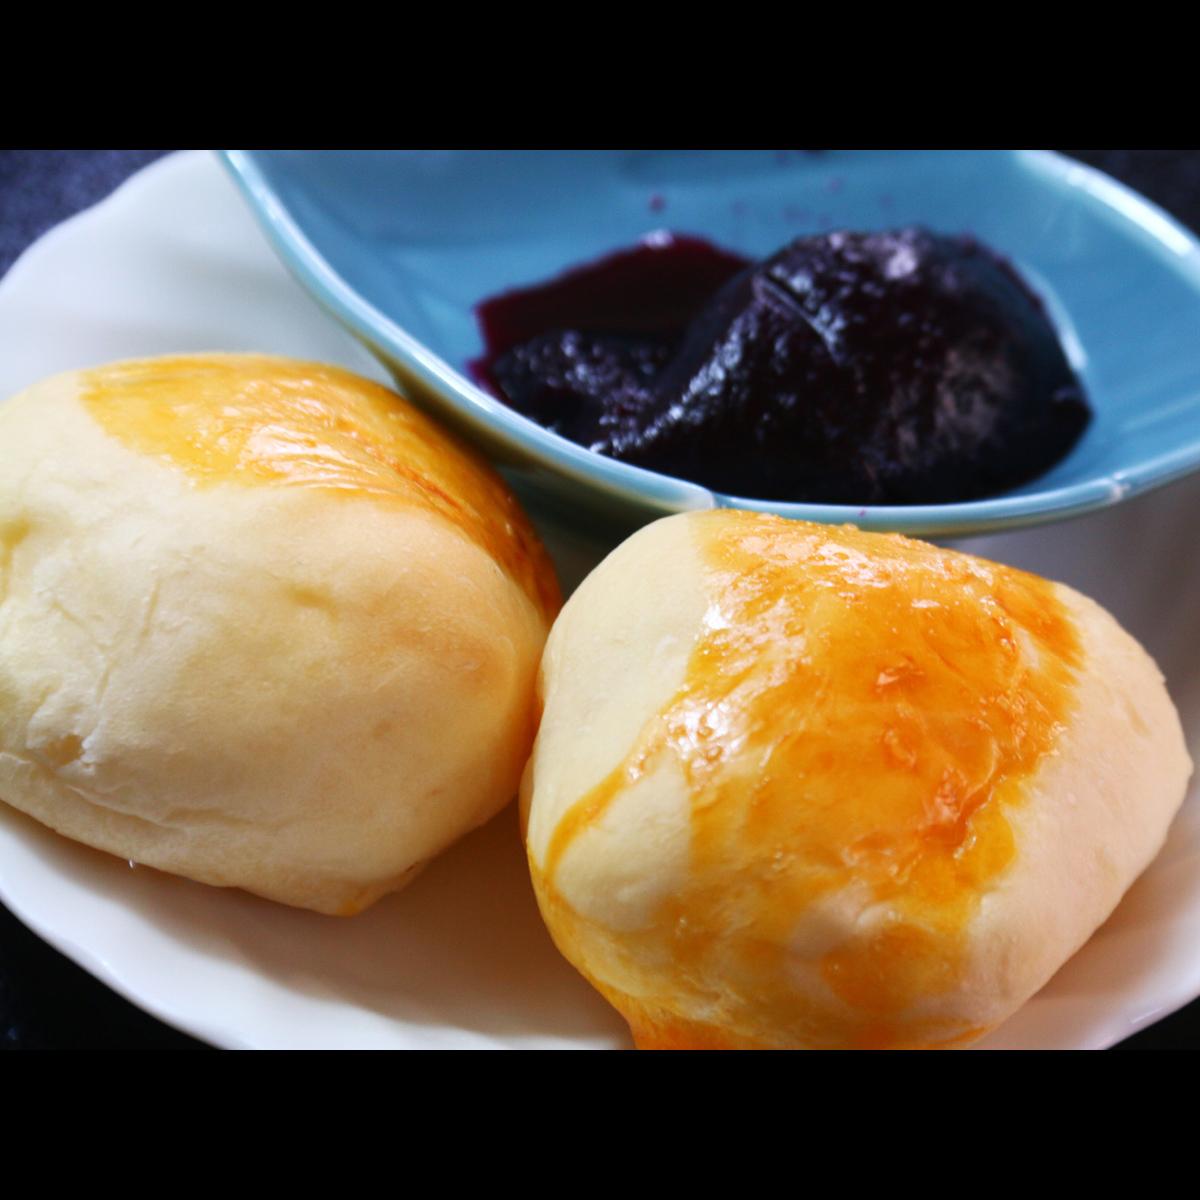 【朝食】女将手作りパンと自家製ブルーベリージャム。朝食でお出しします。